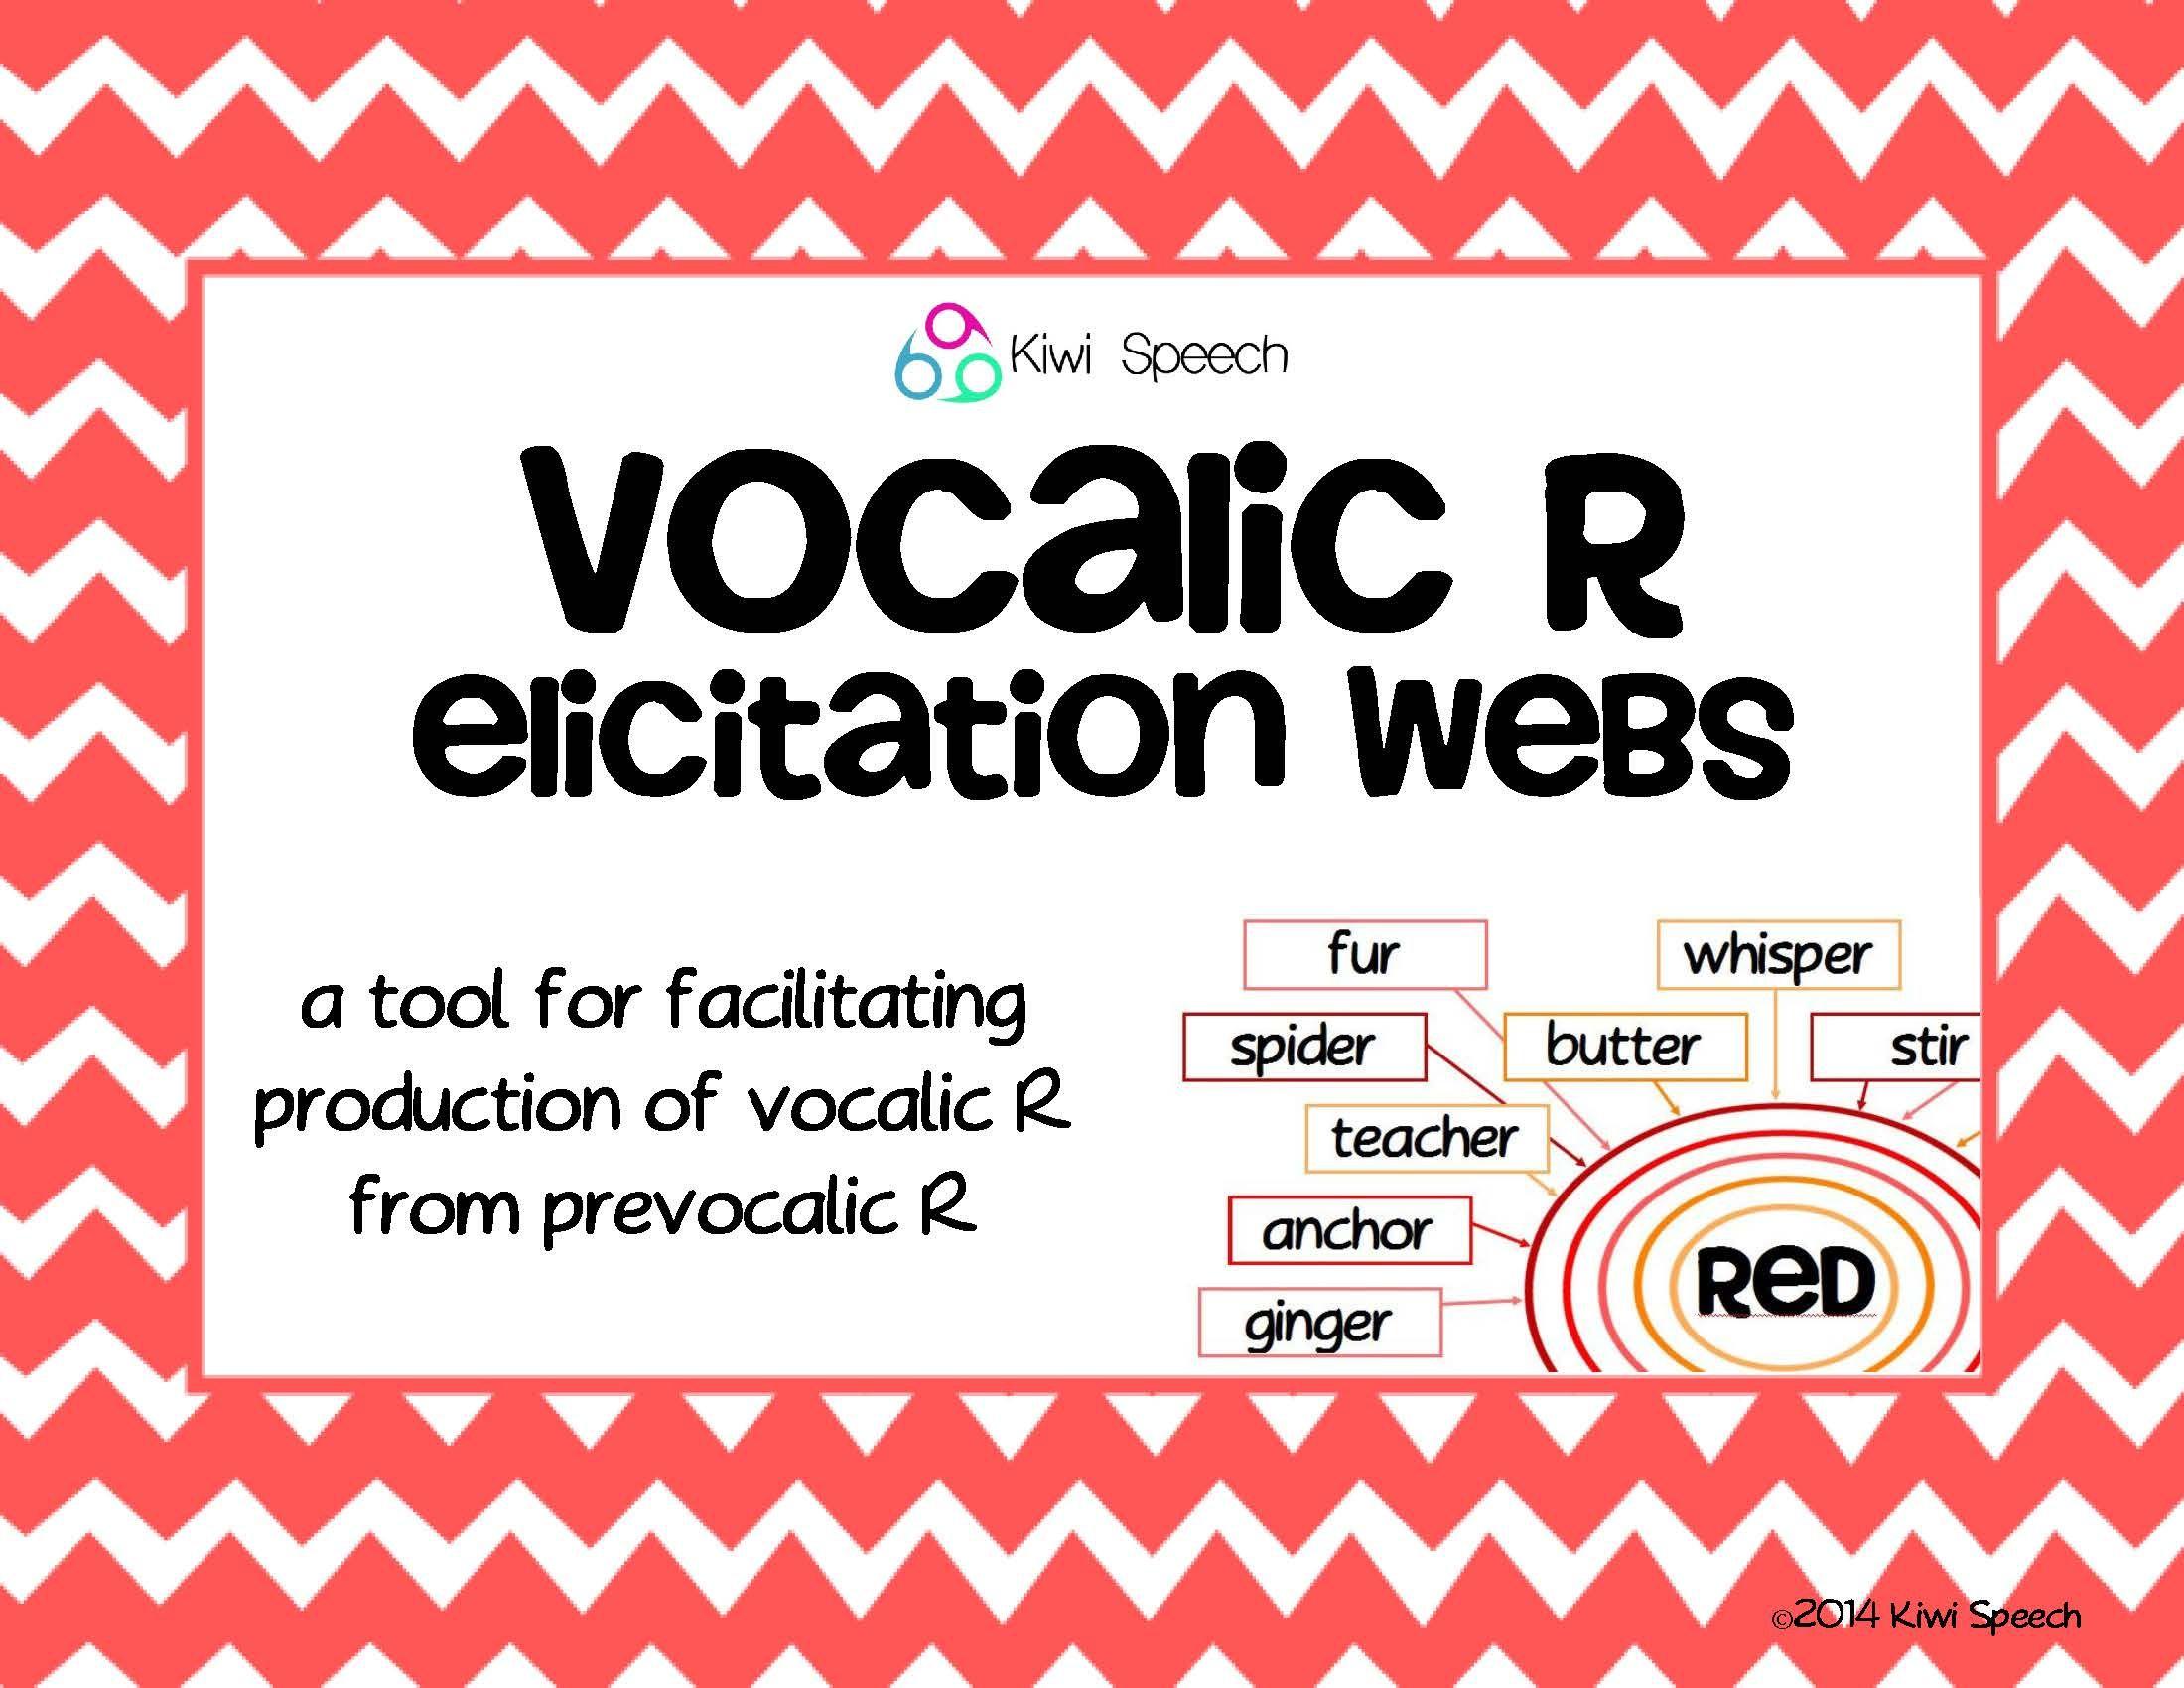 Vocalic R Elicitation Webs